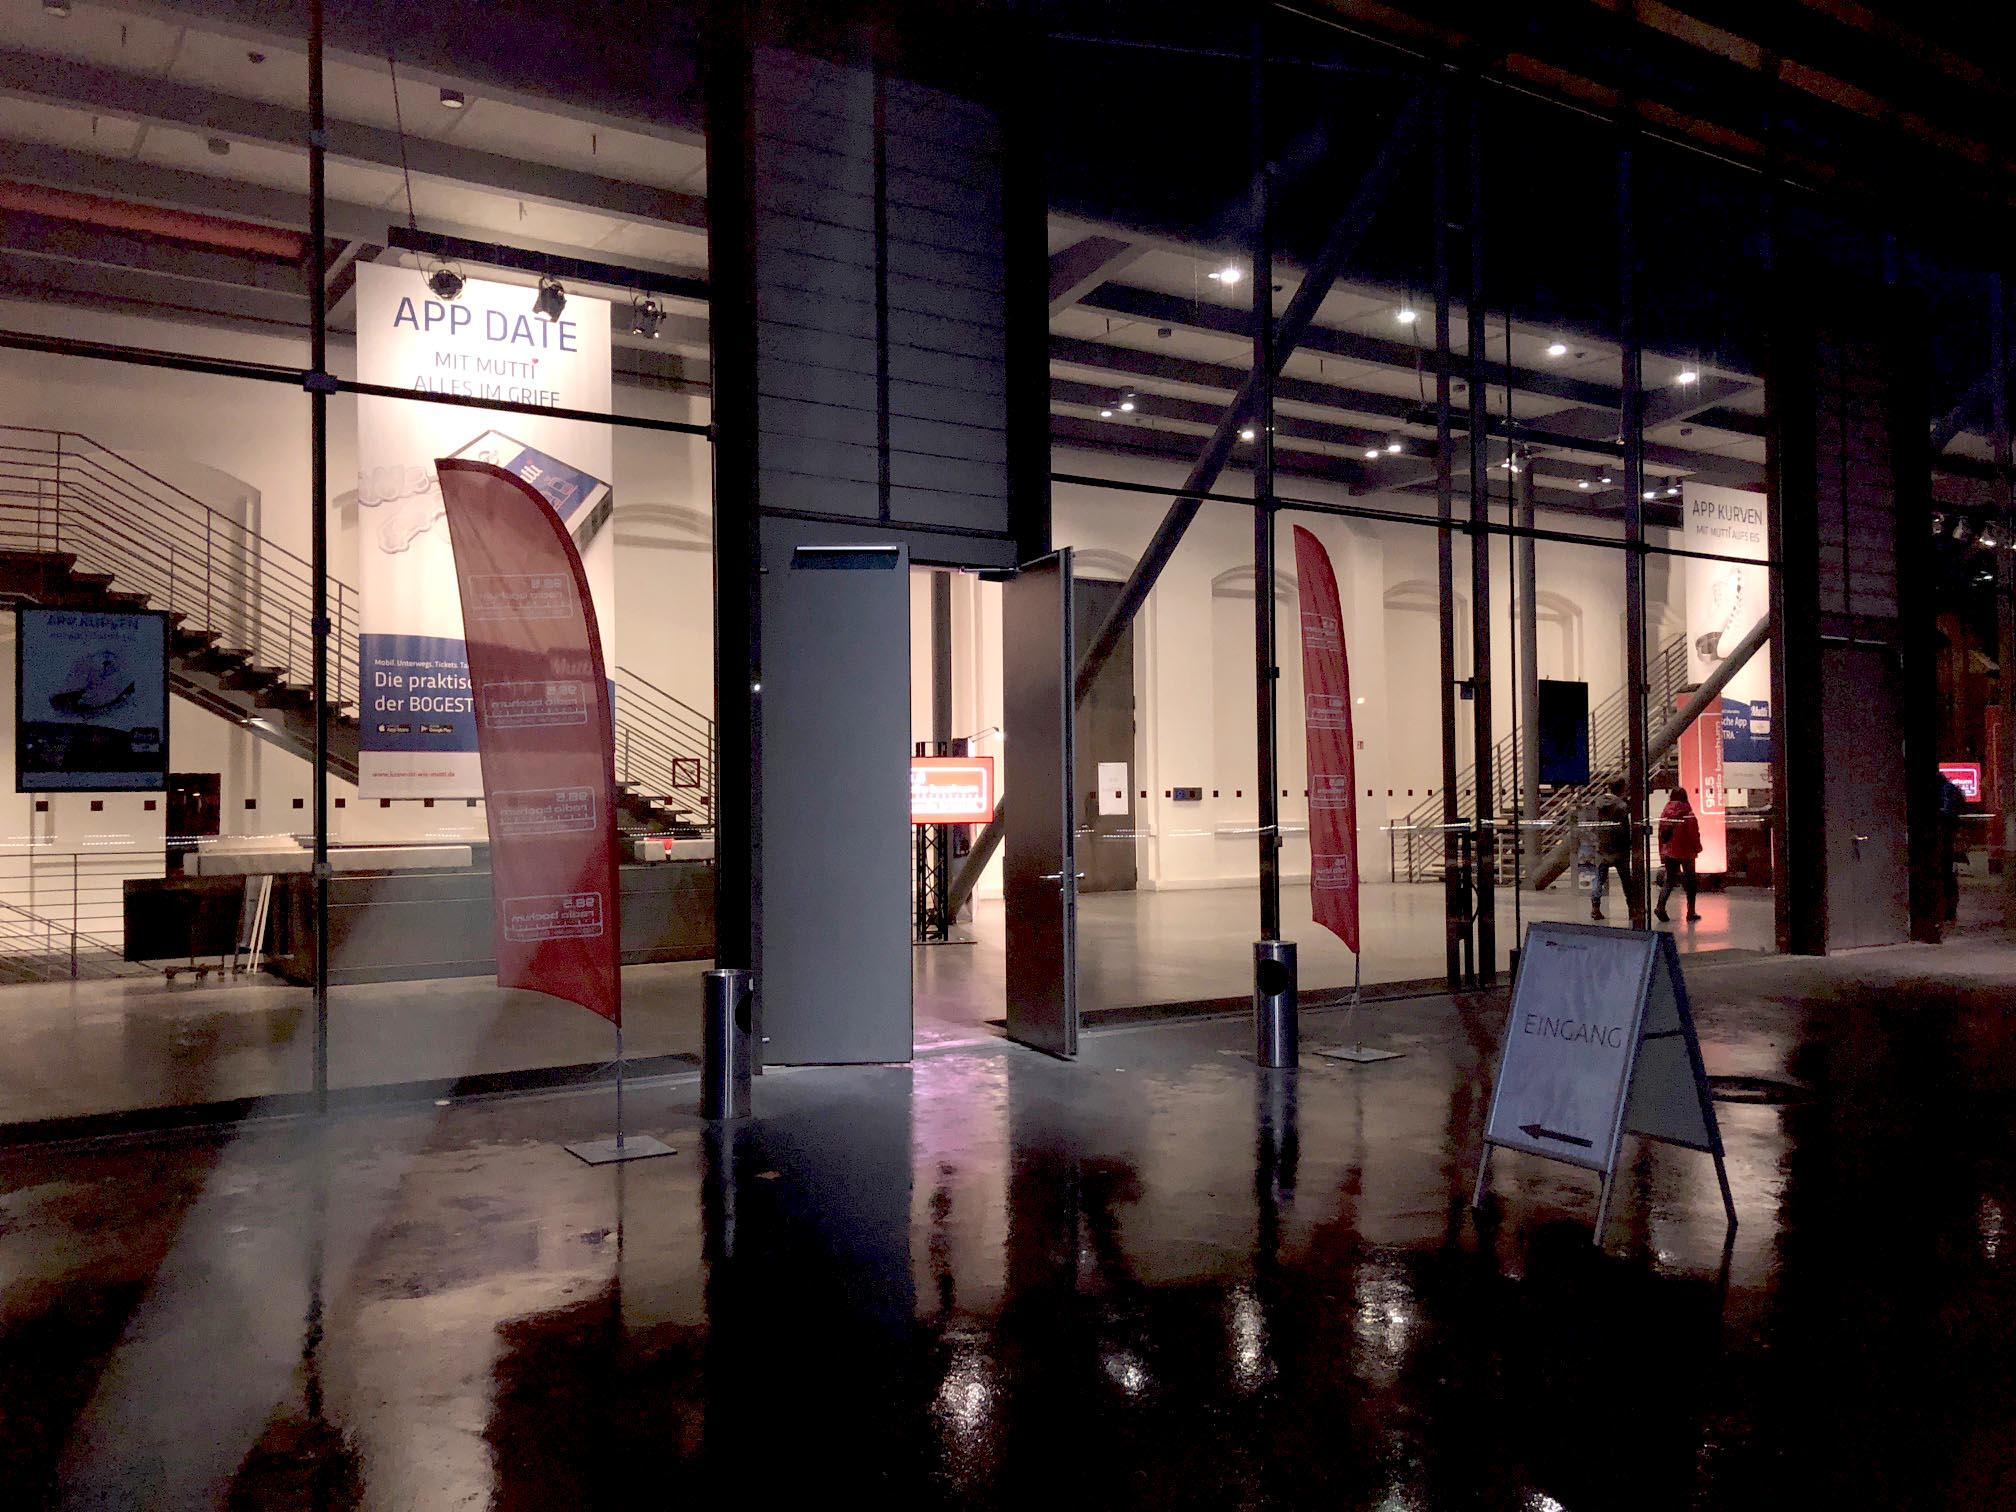 Am Tag der Veranstaltungen wurde auch der Eingang mit zwei Beachflags gebrandet.